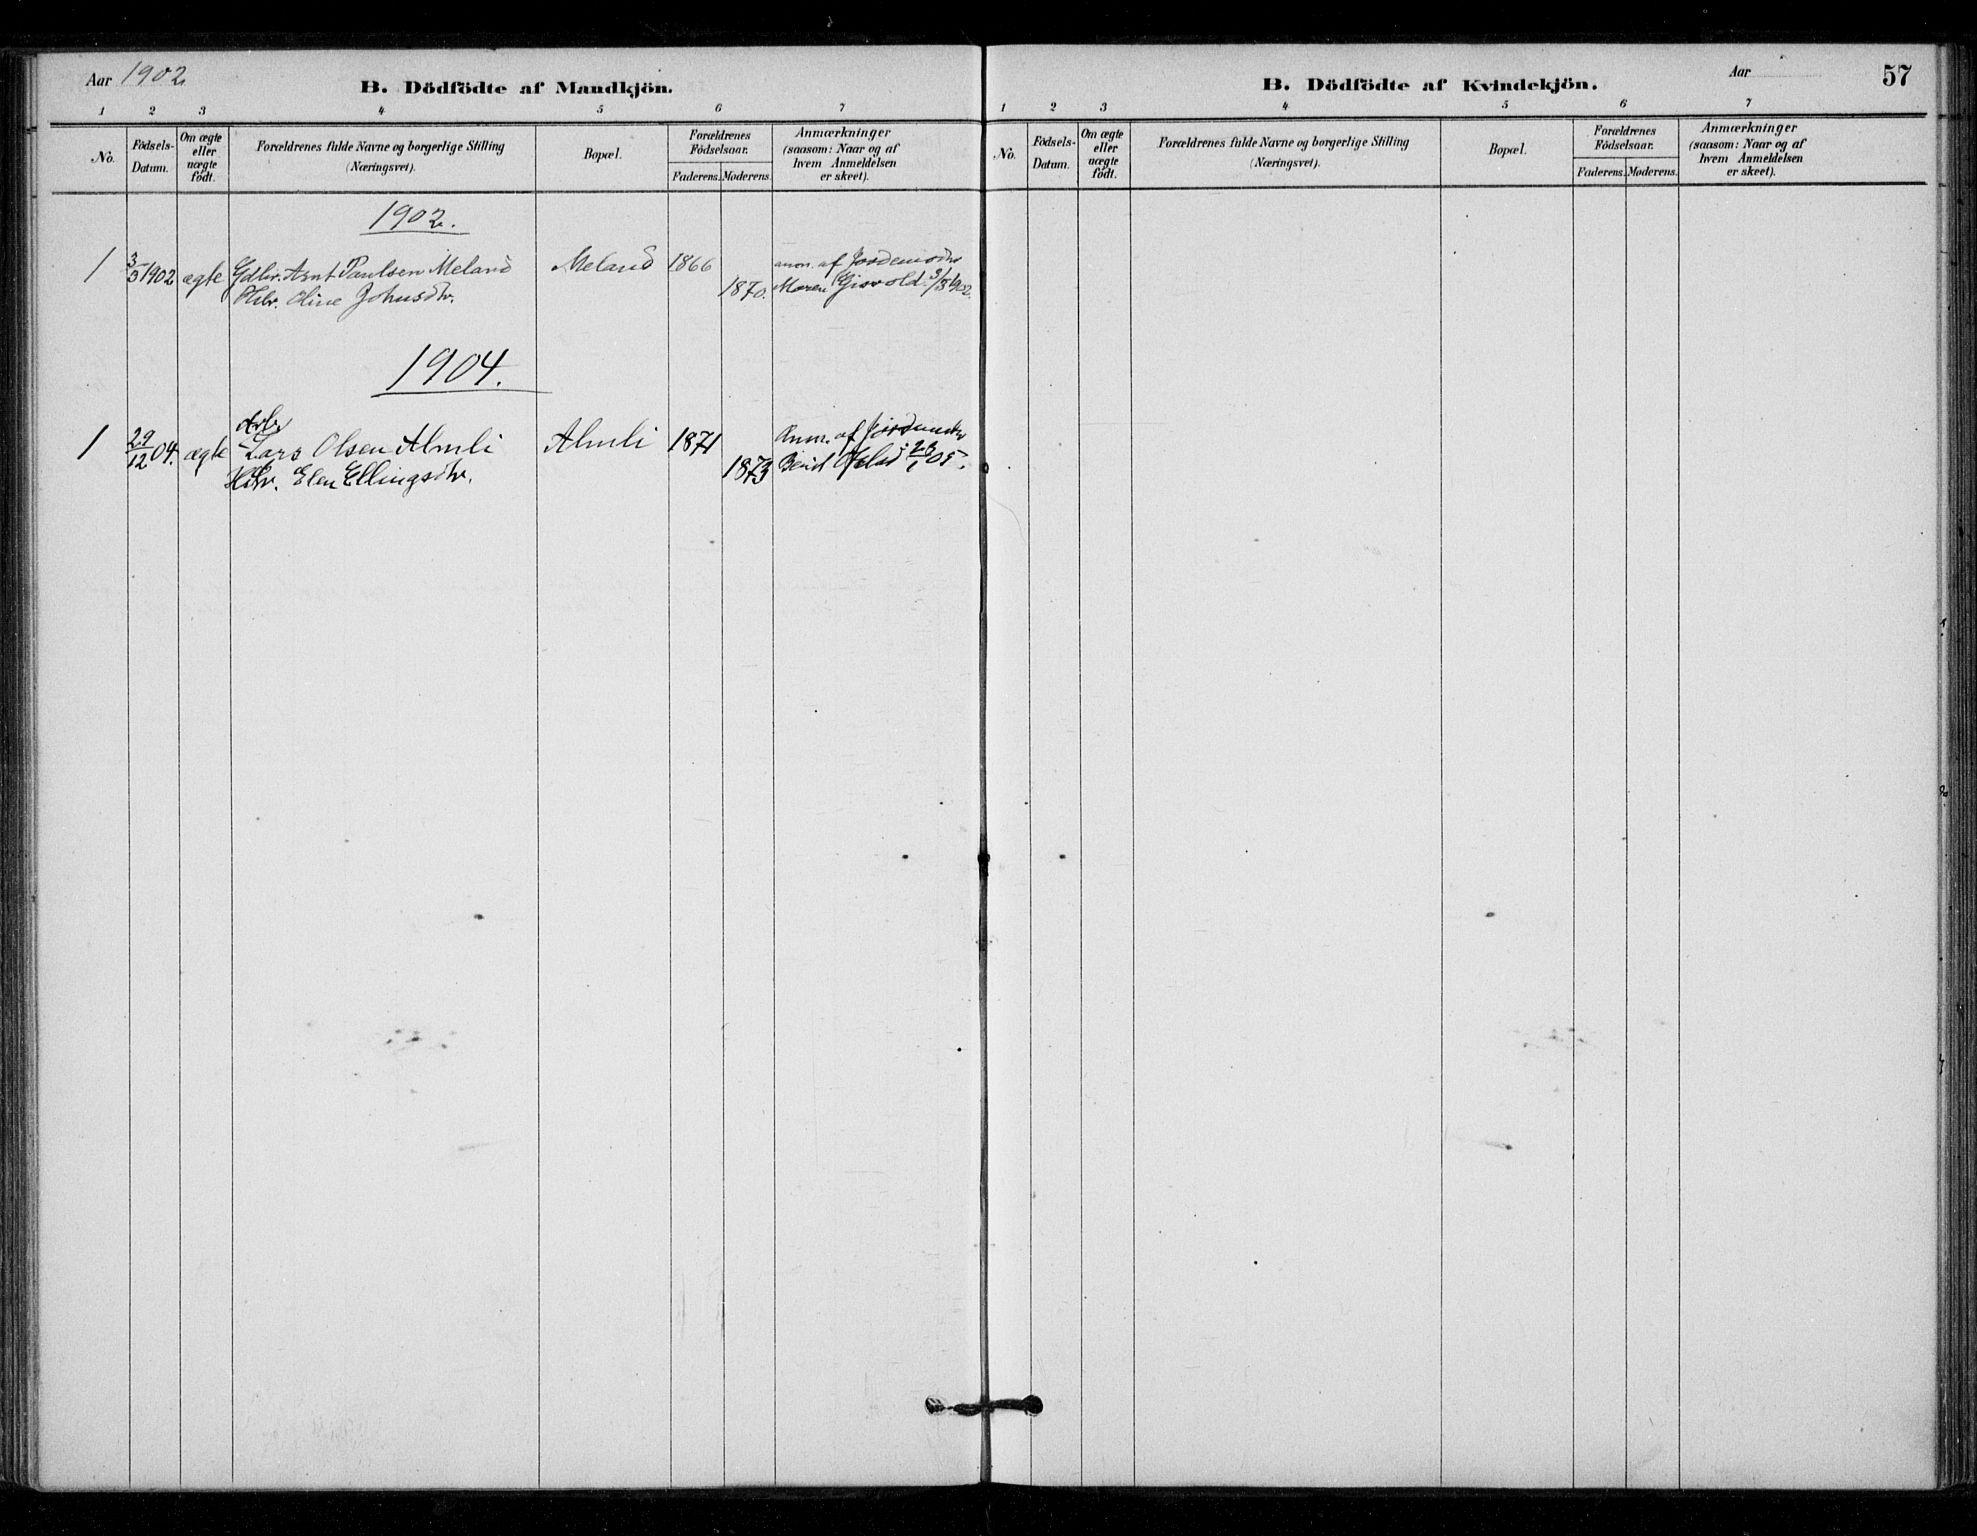 SAT, Ministerialprotokoller, klokkerbøker og fødselsregistre - Sør-Trøndelag, 670/L0836: Ministerialbok nr. 670A01, 1879-1904, s. 57